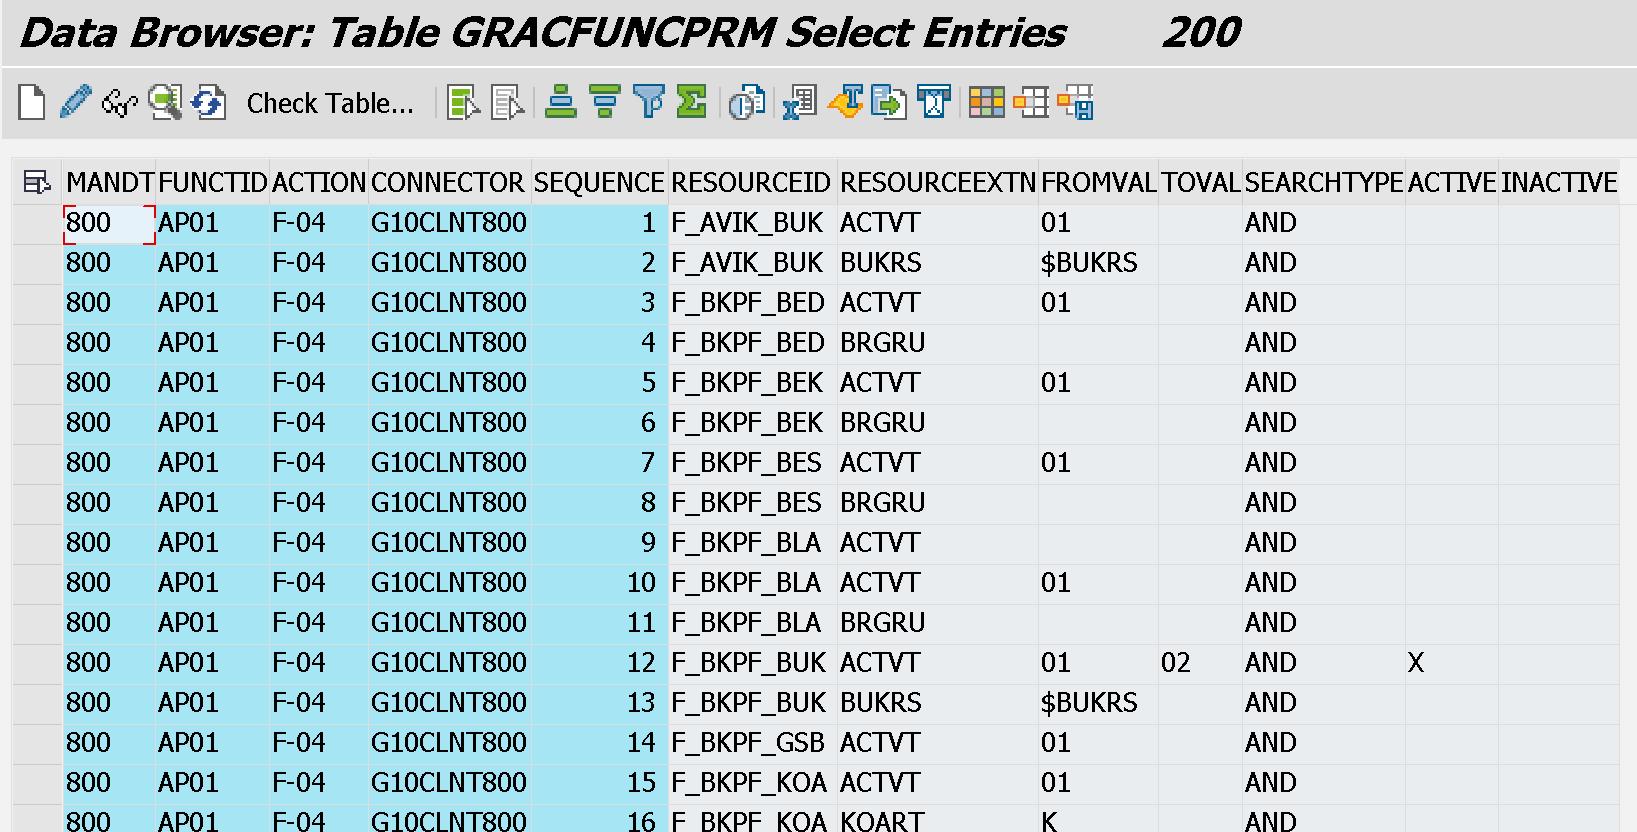 GRACFUNCPRM